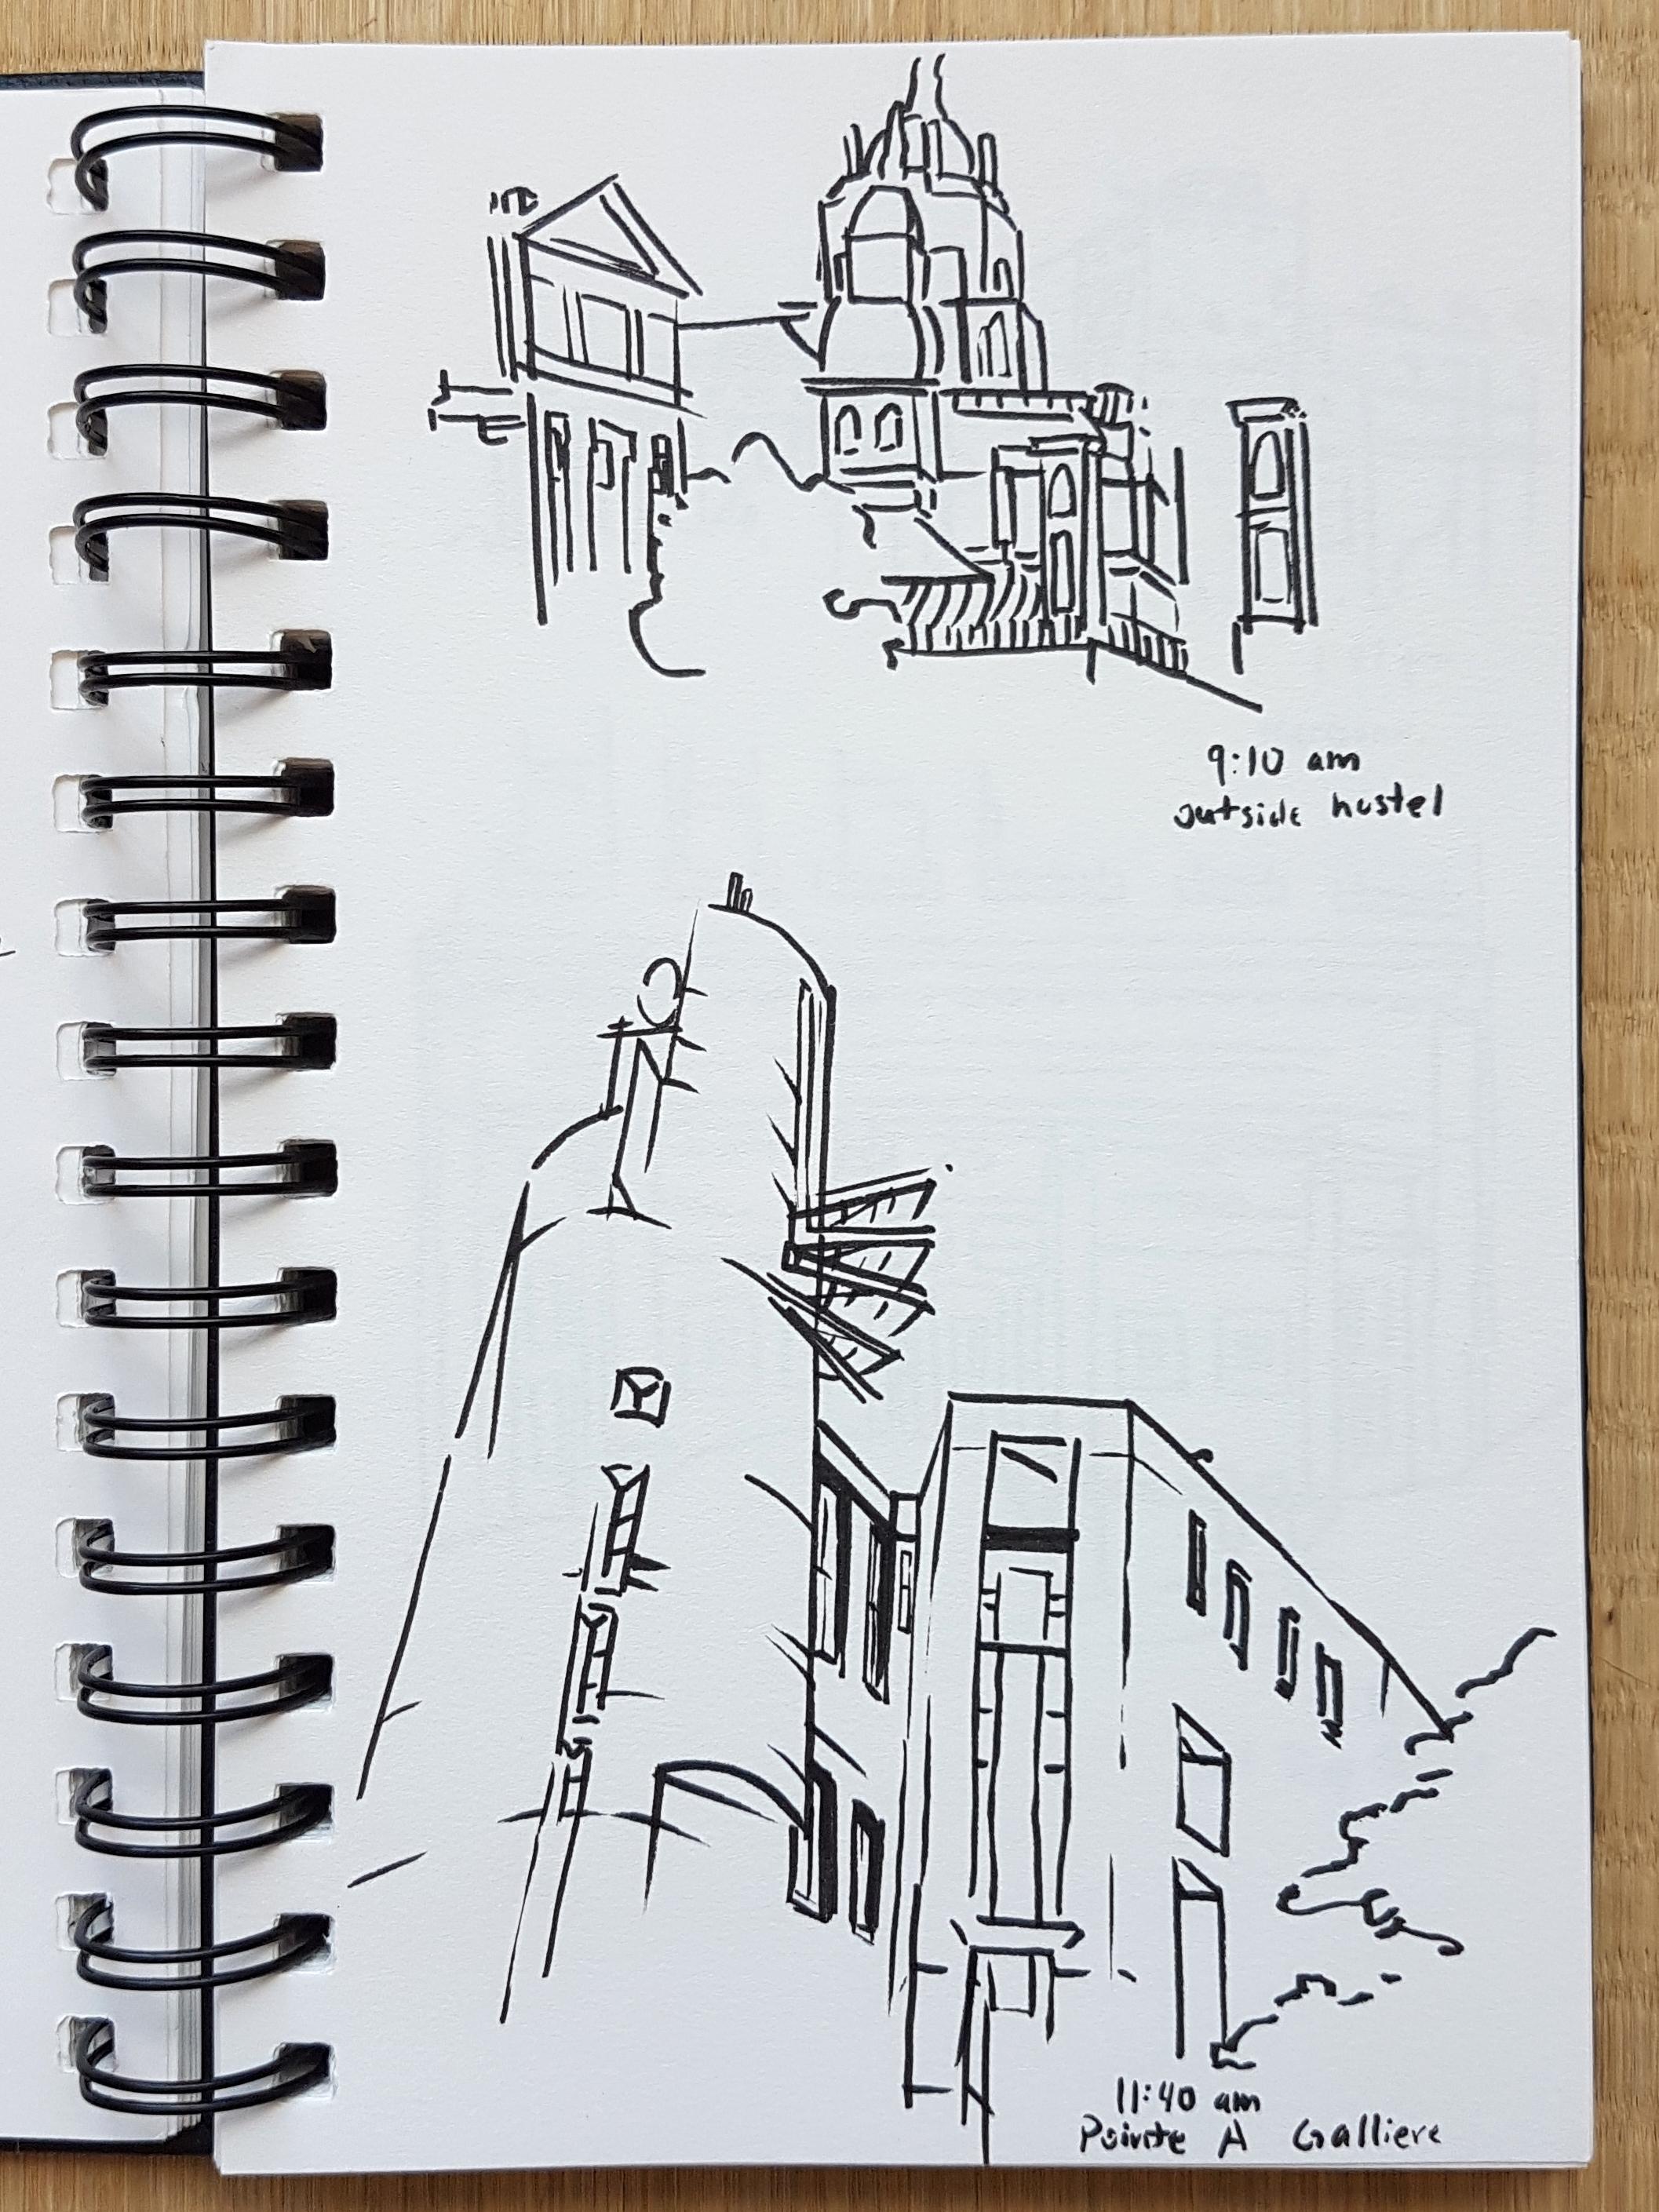 1A Sketch Byron Cai